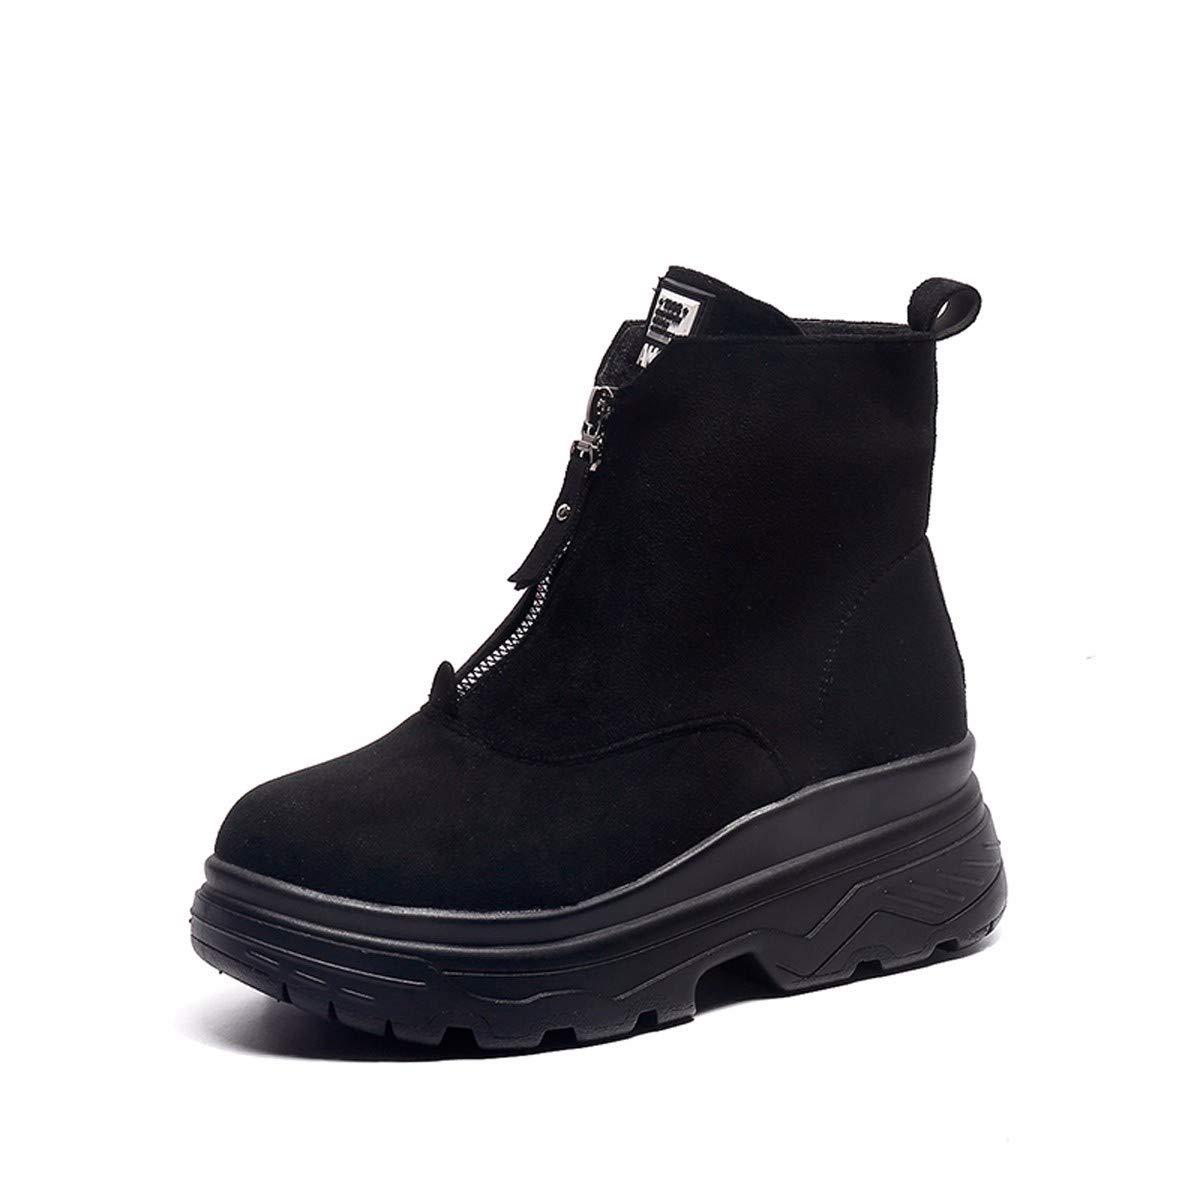 KPHY Damenschuhe Frauen Und Schuhe Im Winter Warm Mit Mit Mit Baumwolle Hohe Schuhe Dicke Zusammenbrach Wild Und Stiefel. 41df30